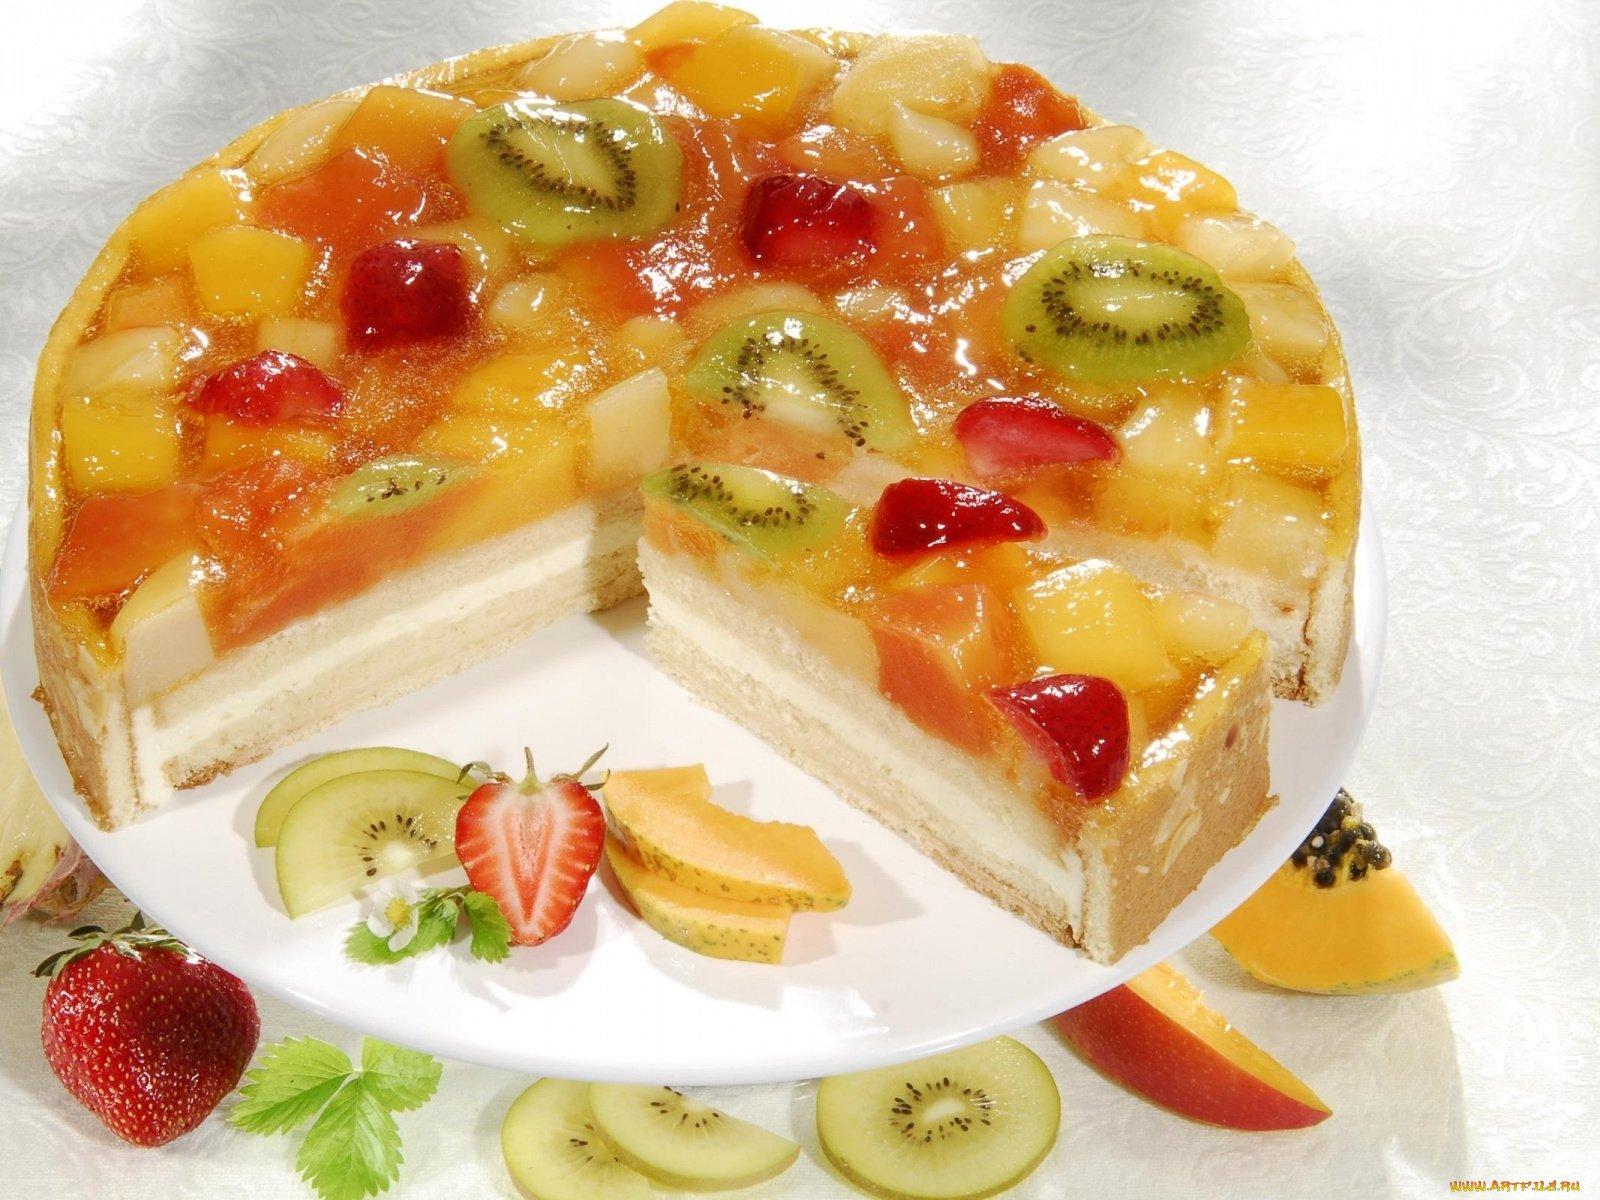 торт с фруктами сверху фото в желе прощупывании